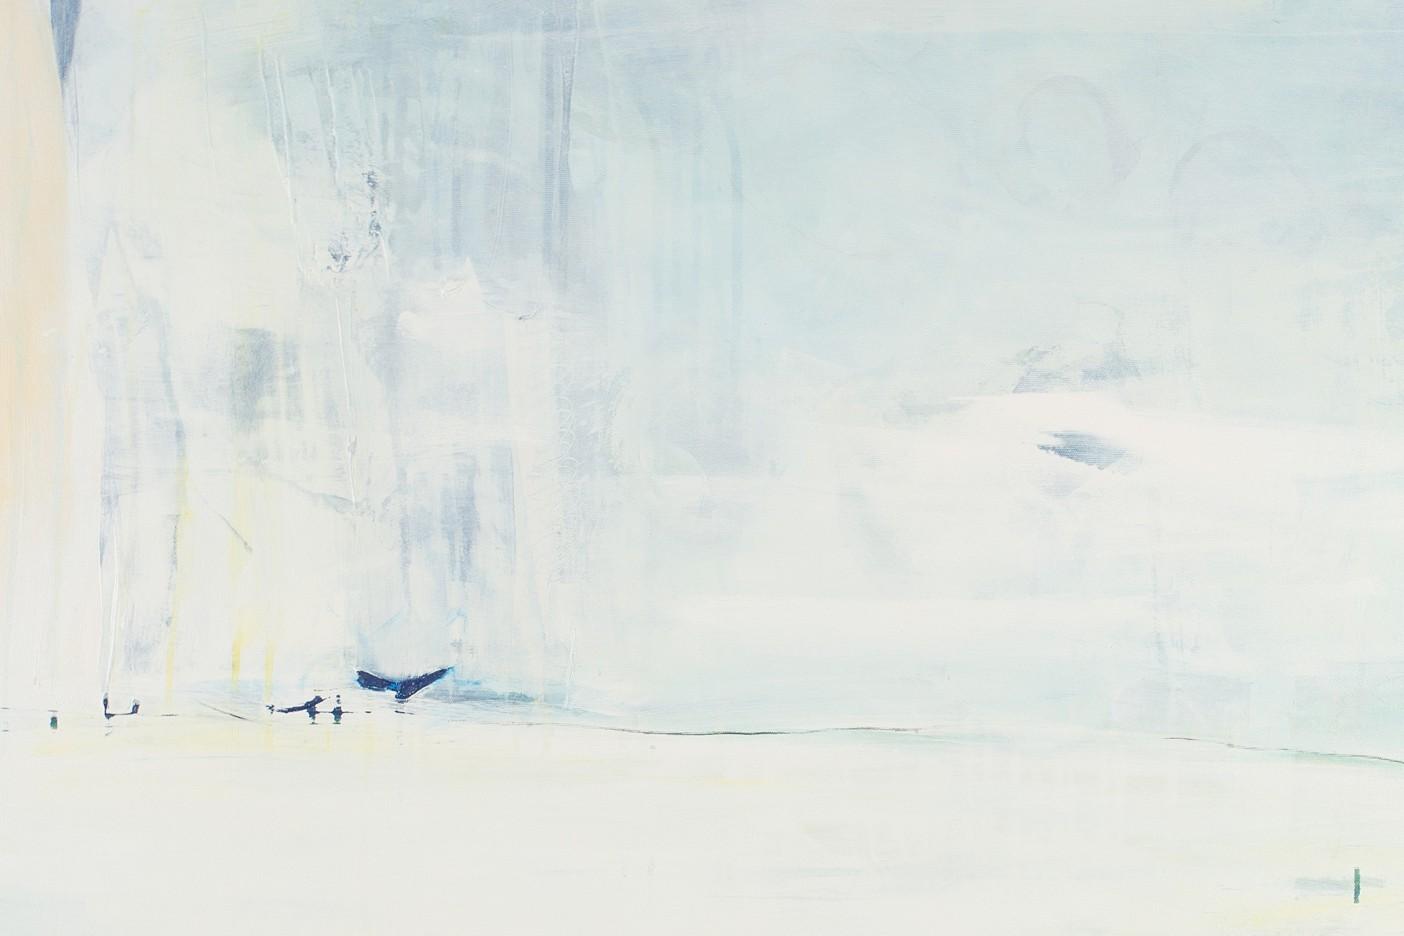 Der Traum vom Eislauf